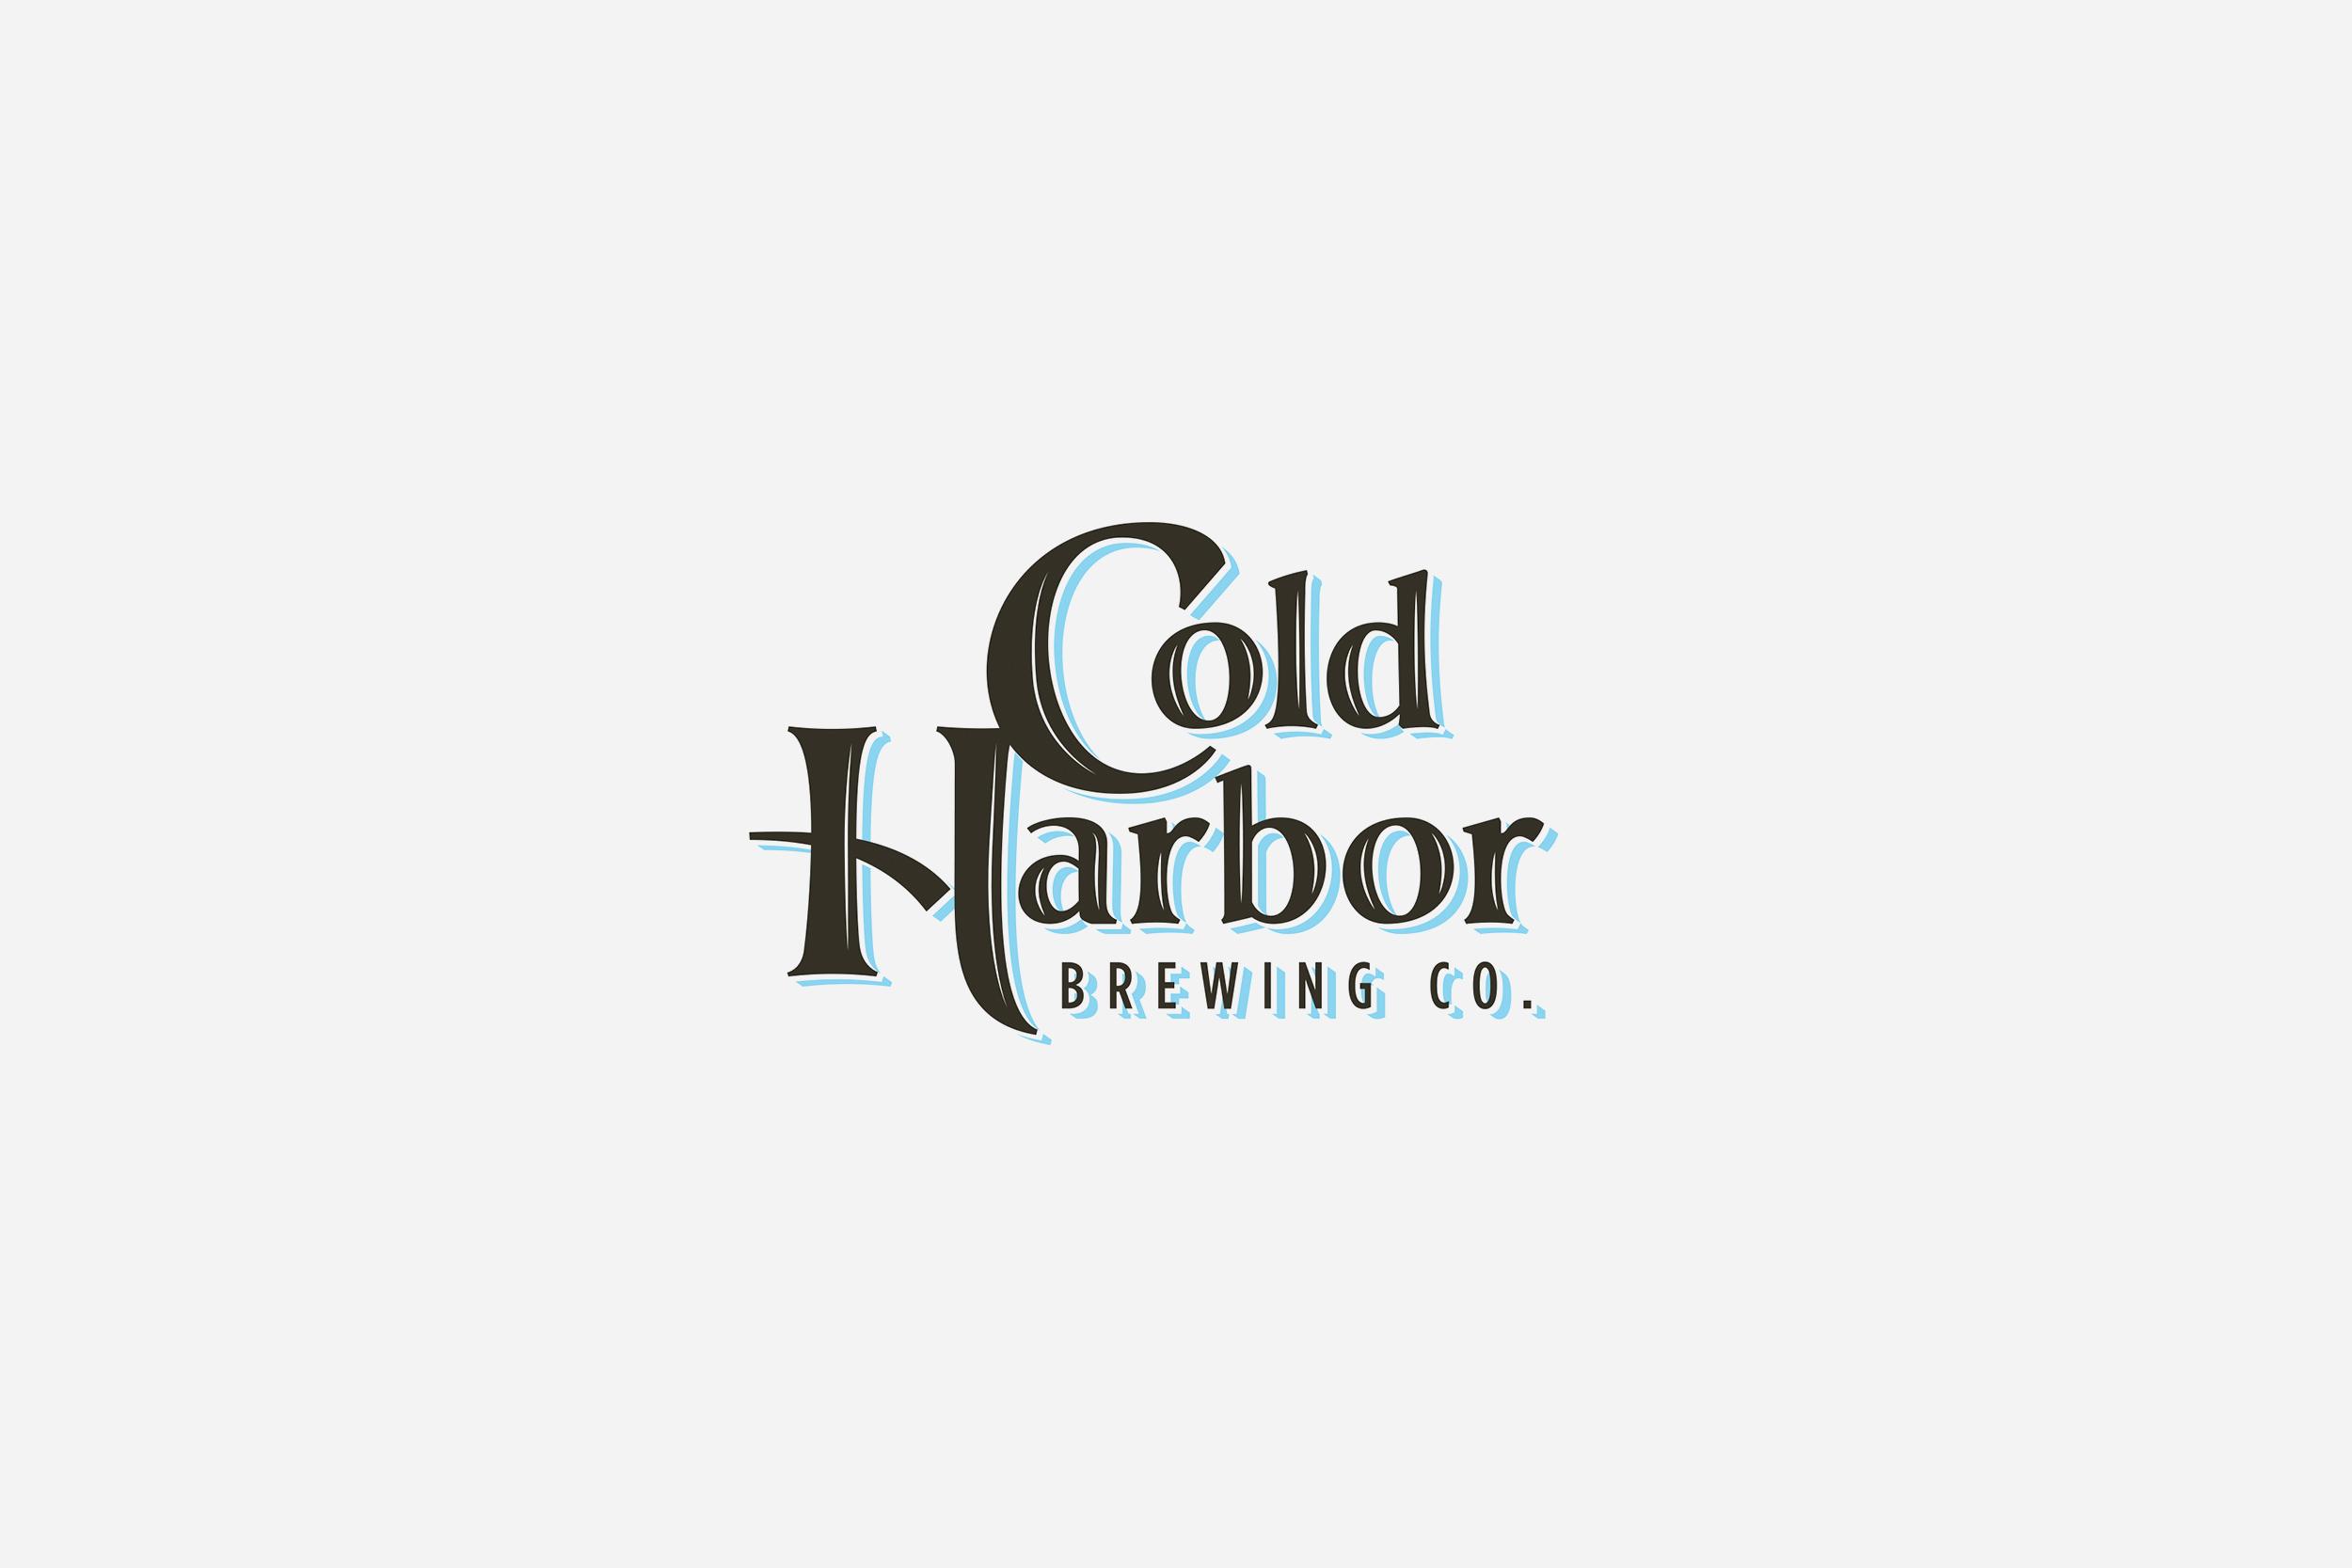 ColdHarbor_Logo